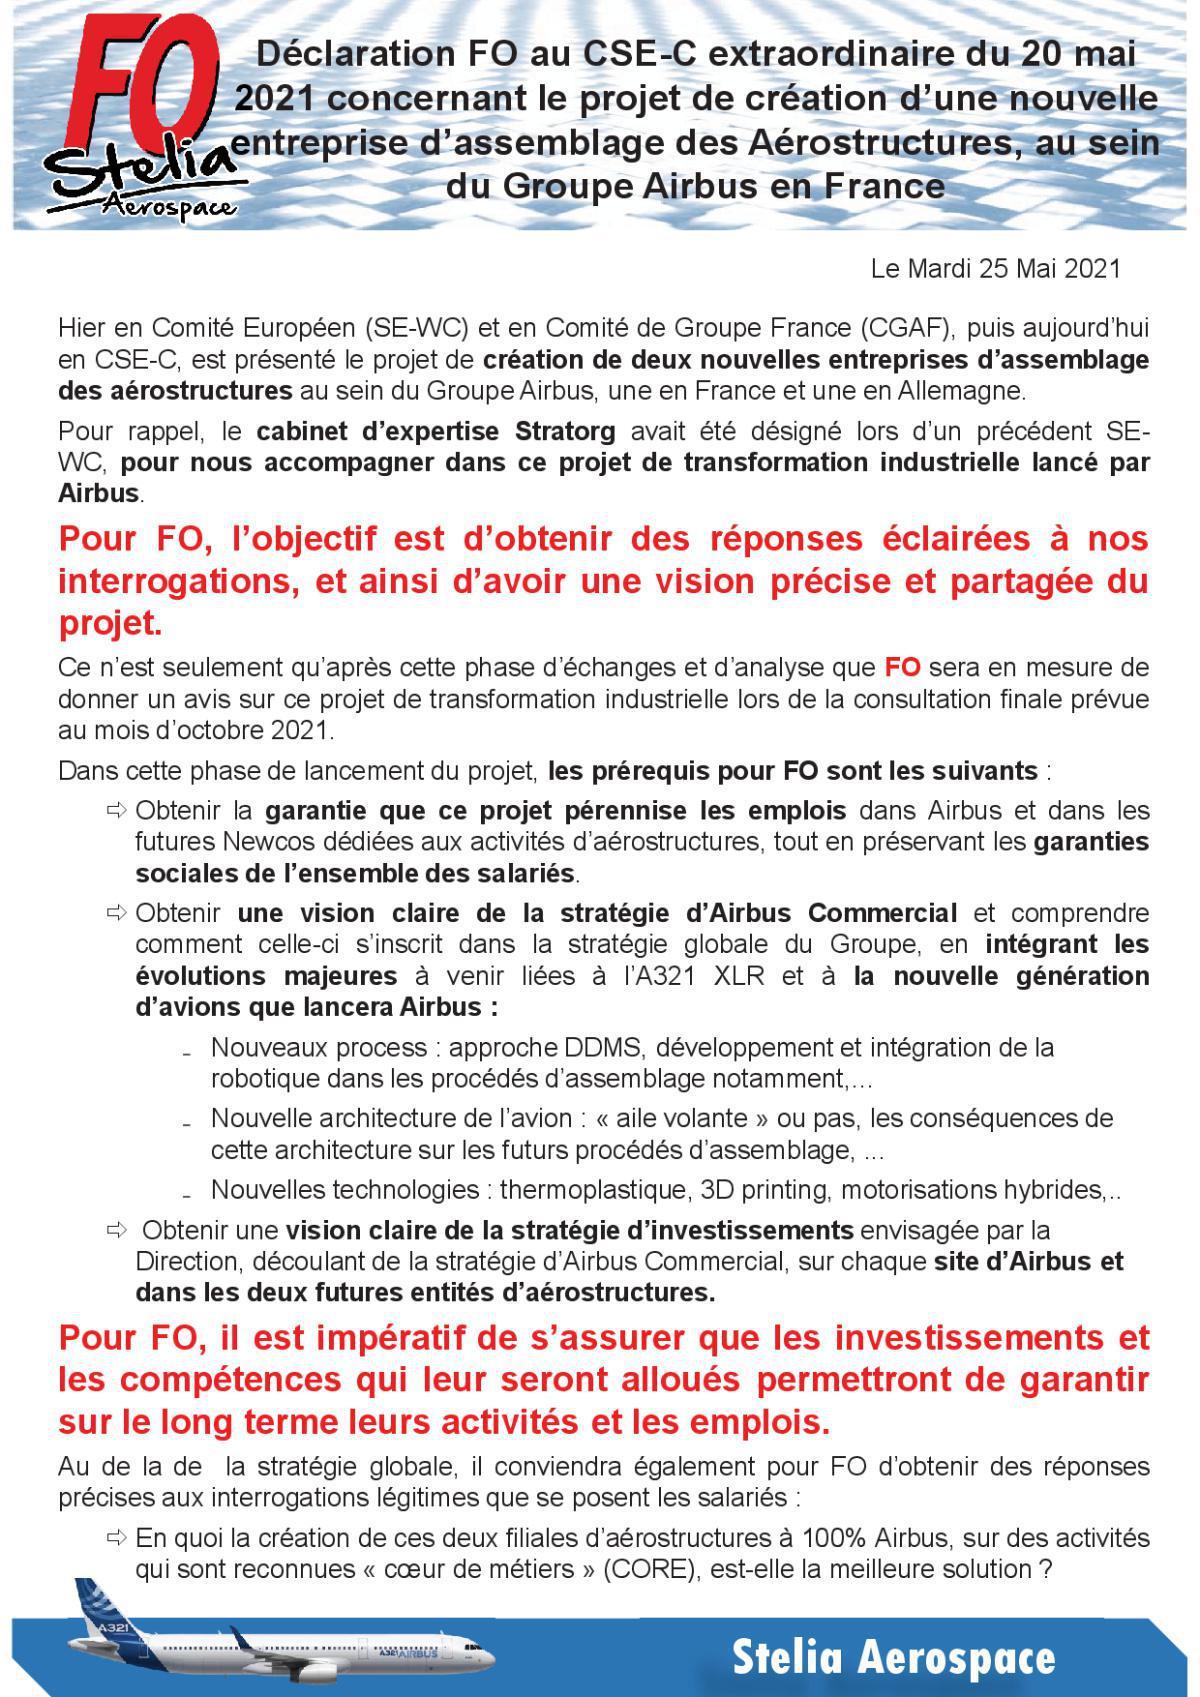 Déclaration FO au CSE-C Extraordinaire du 20 Mai 2021